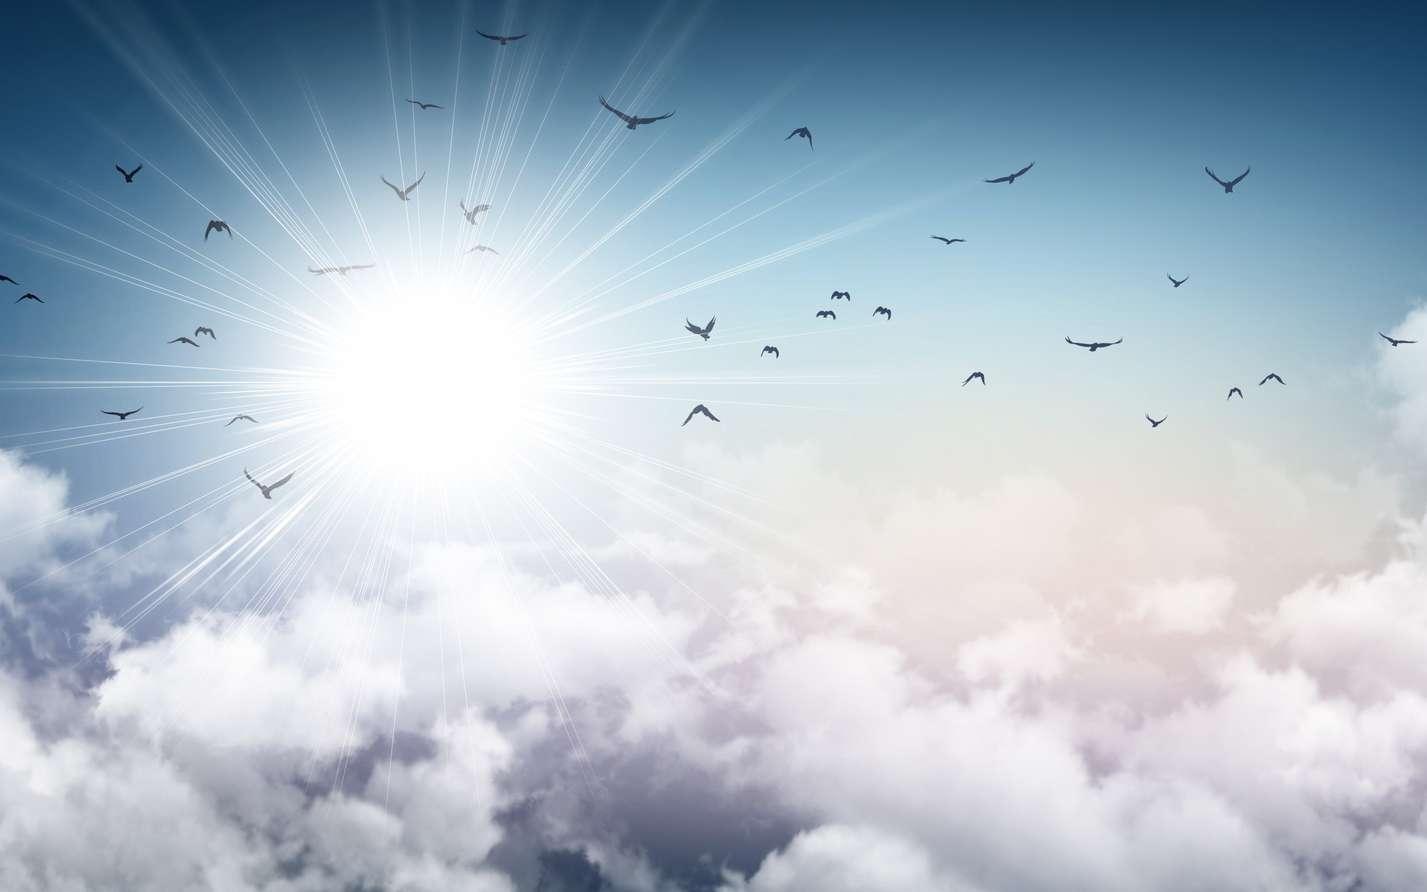 Oiseaux : Jusqu'à Quelle Altitude Peuvent-Ils Voler ? dedans Vol Petit Oiseau